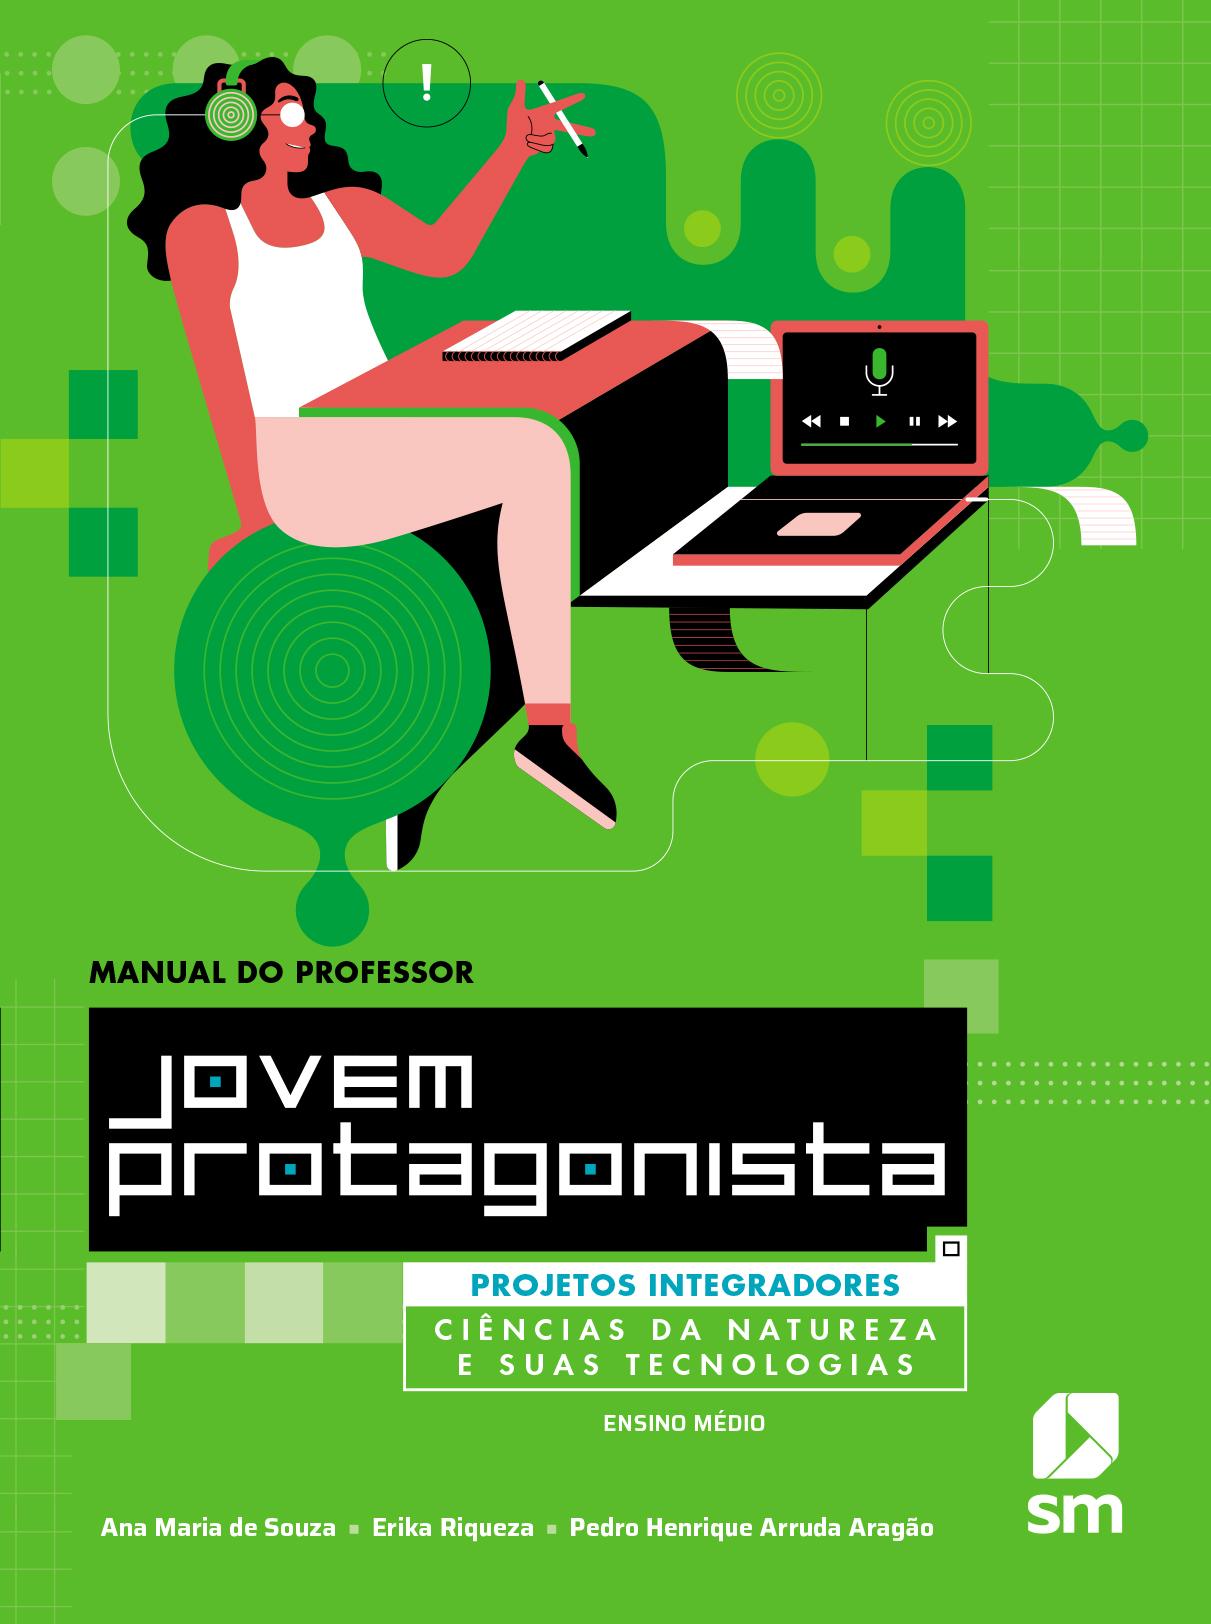 Capa do livro Ciências da natureza e suas tecnologias da coleção Jovem protagonista